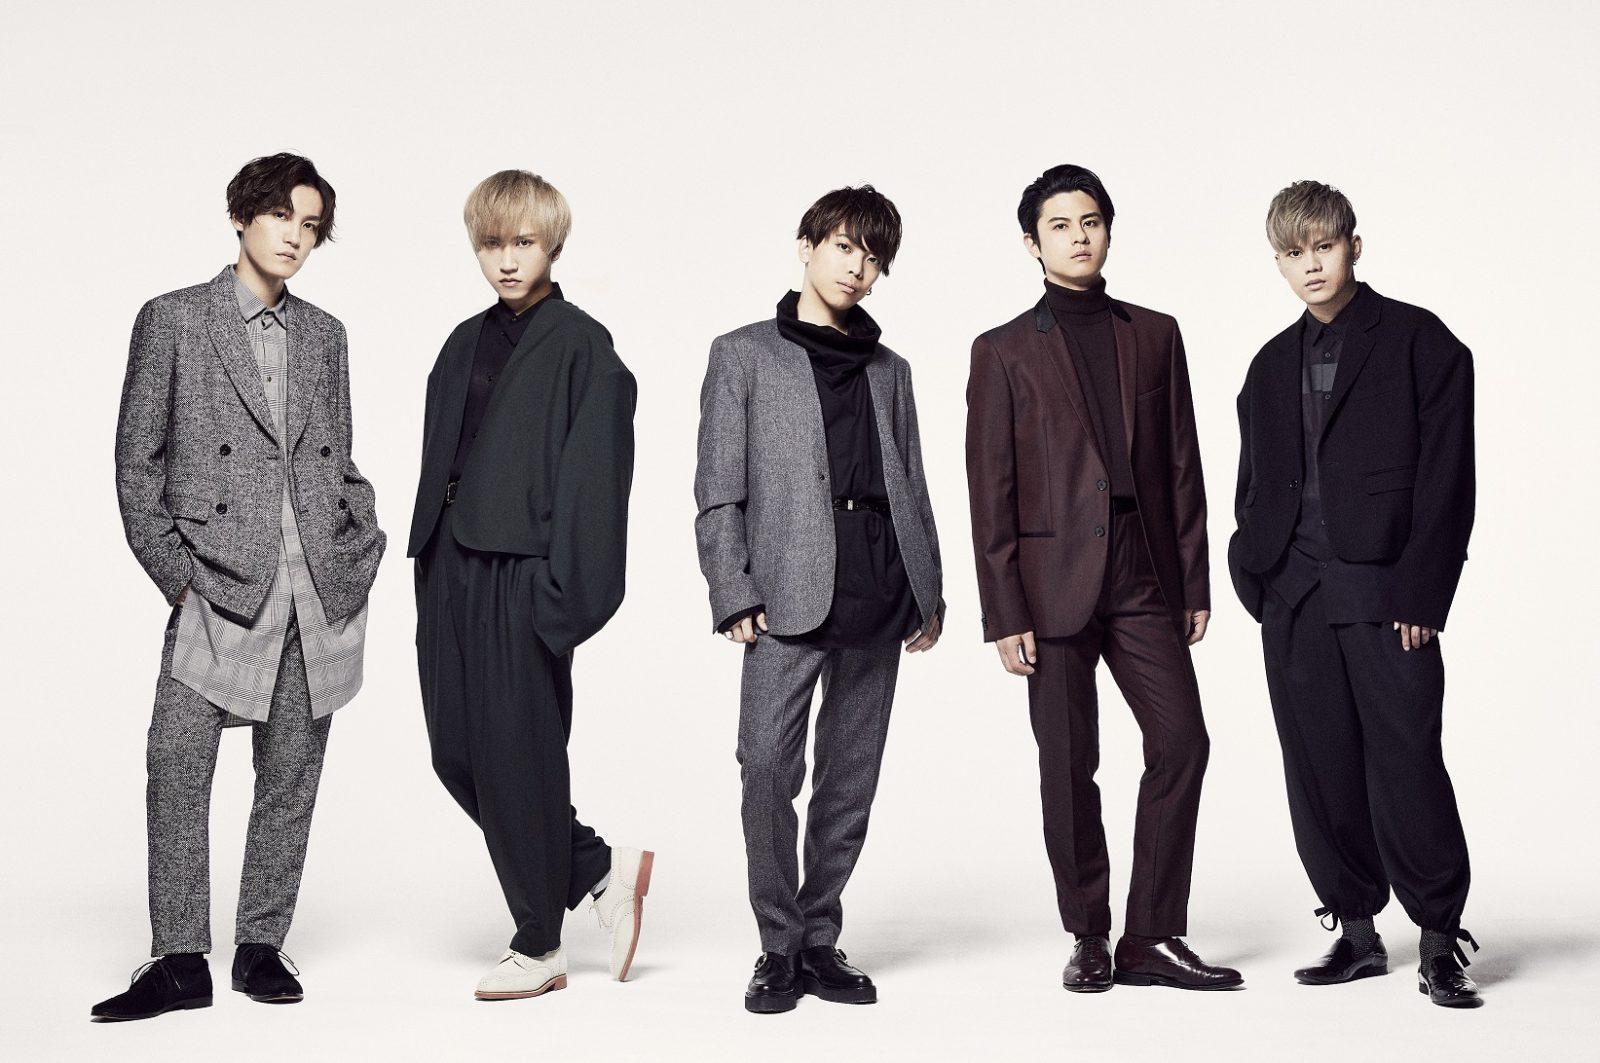 日韓ボーカルユニットUNIONE(ユニオネ)、メジャーデビュー4周年イベントで無観客ライブの開催を発表サムネイル画像